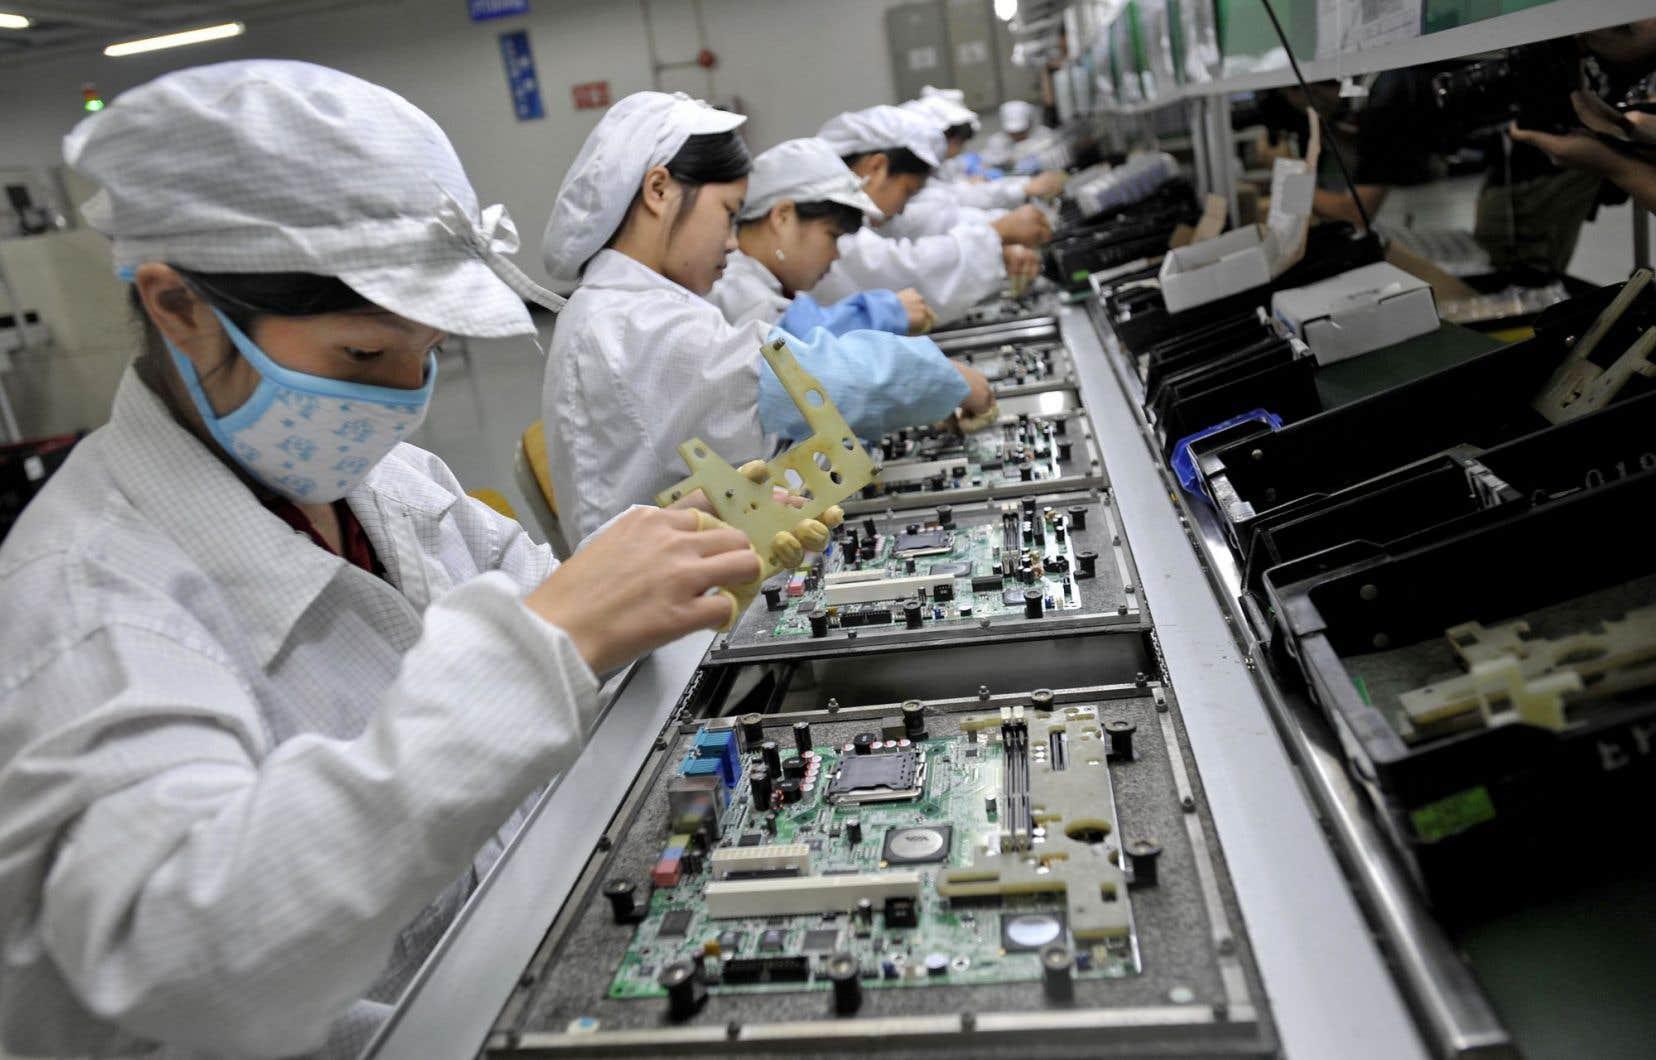 Les travailleurs de l'usine de Foxconn assemblent iPhone, Xbox et autres en silence, comme le veut la consigne.